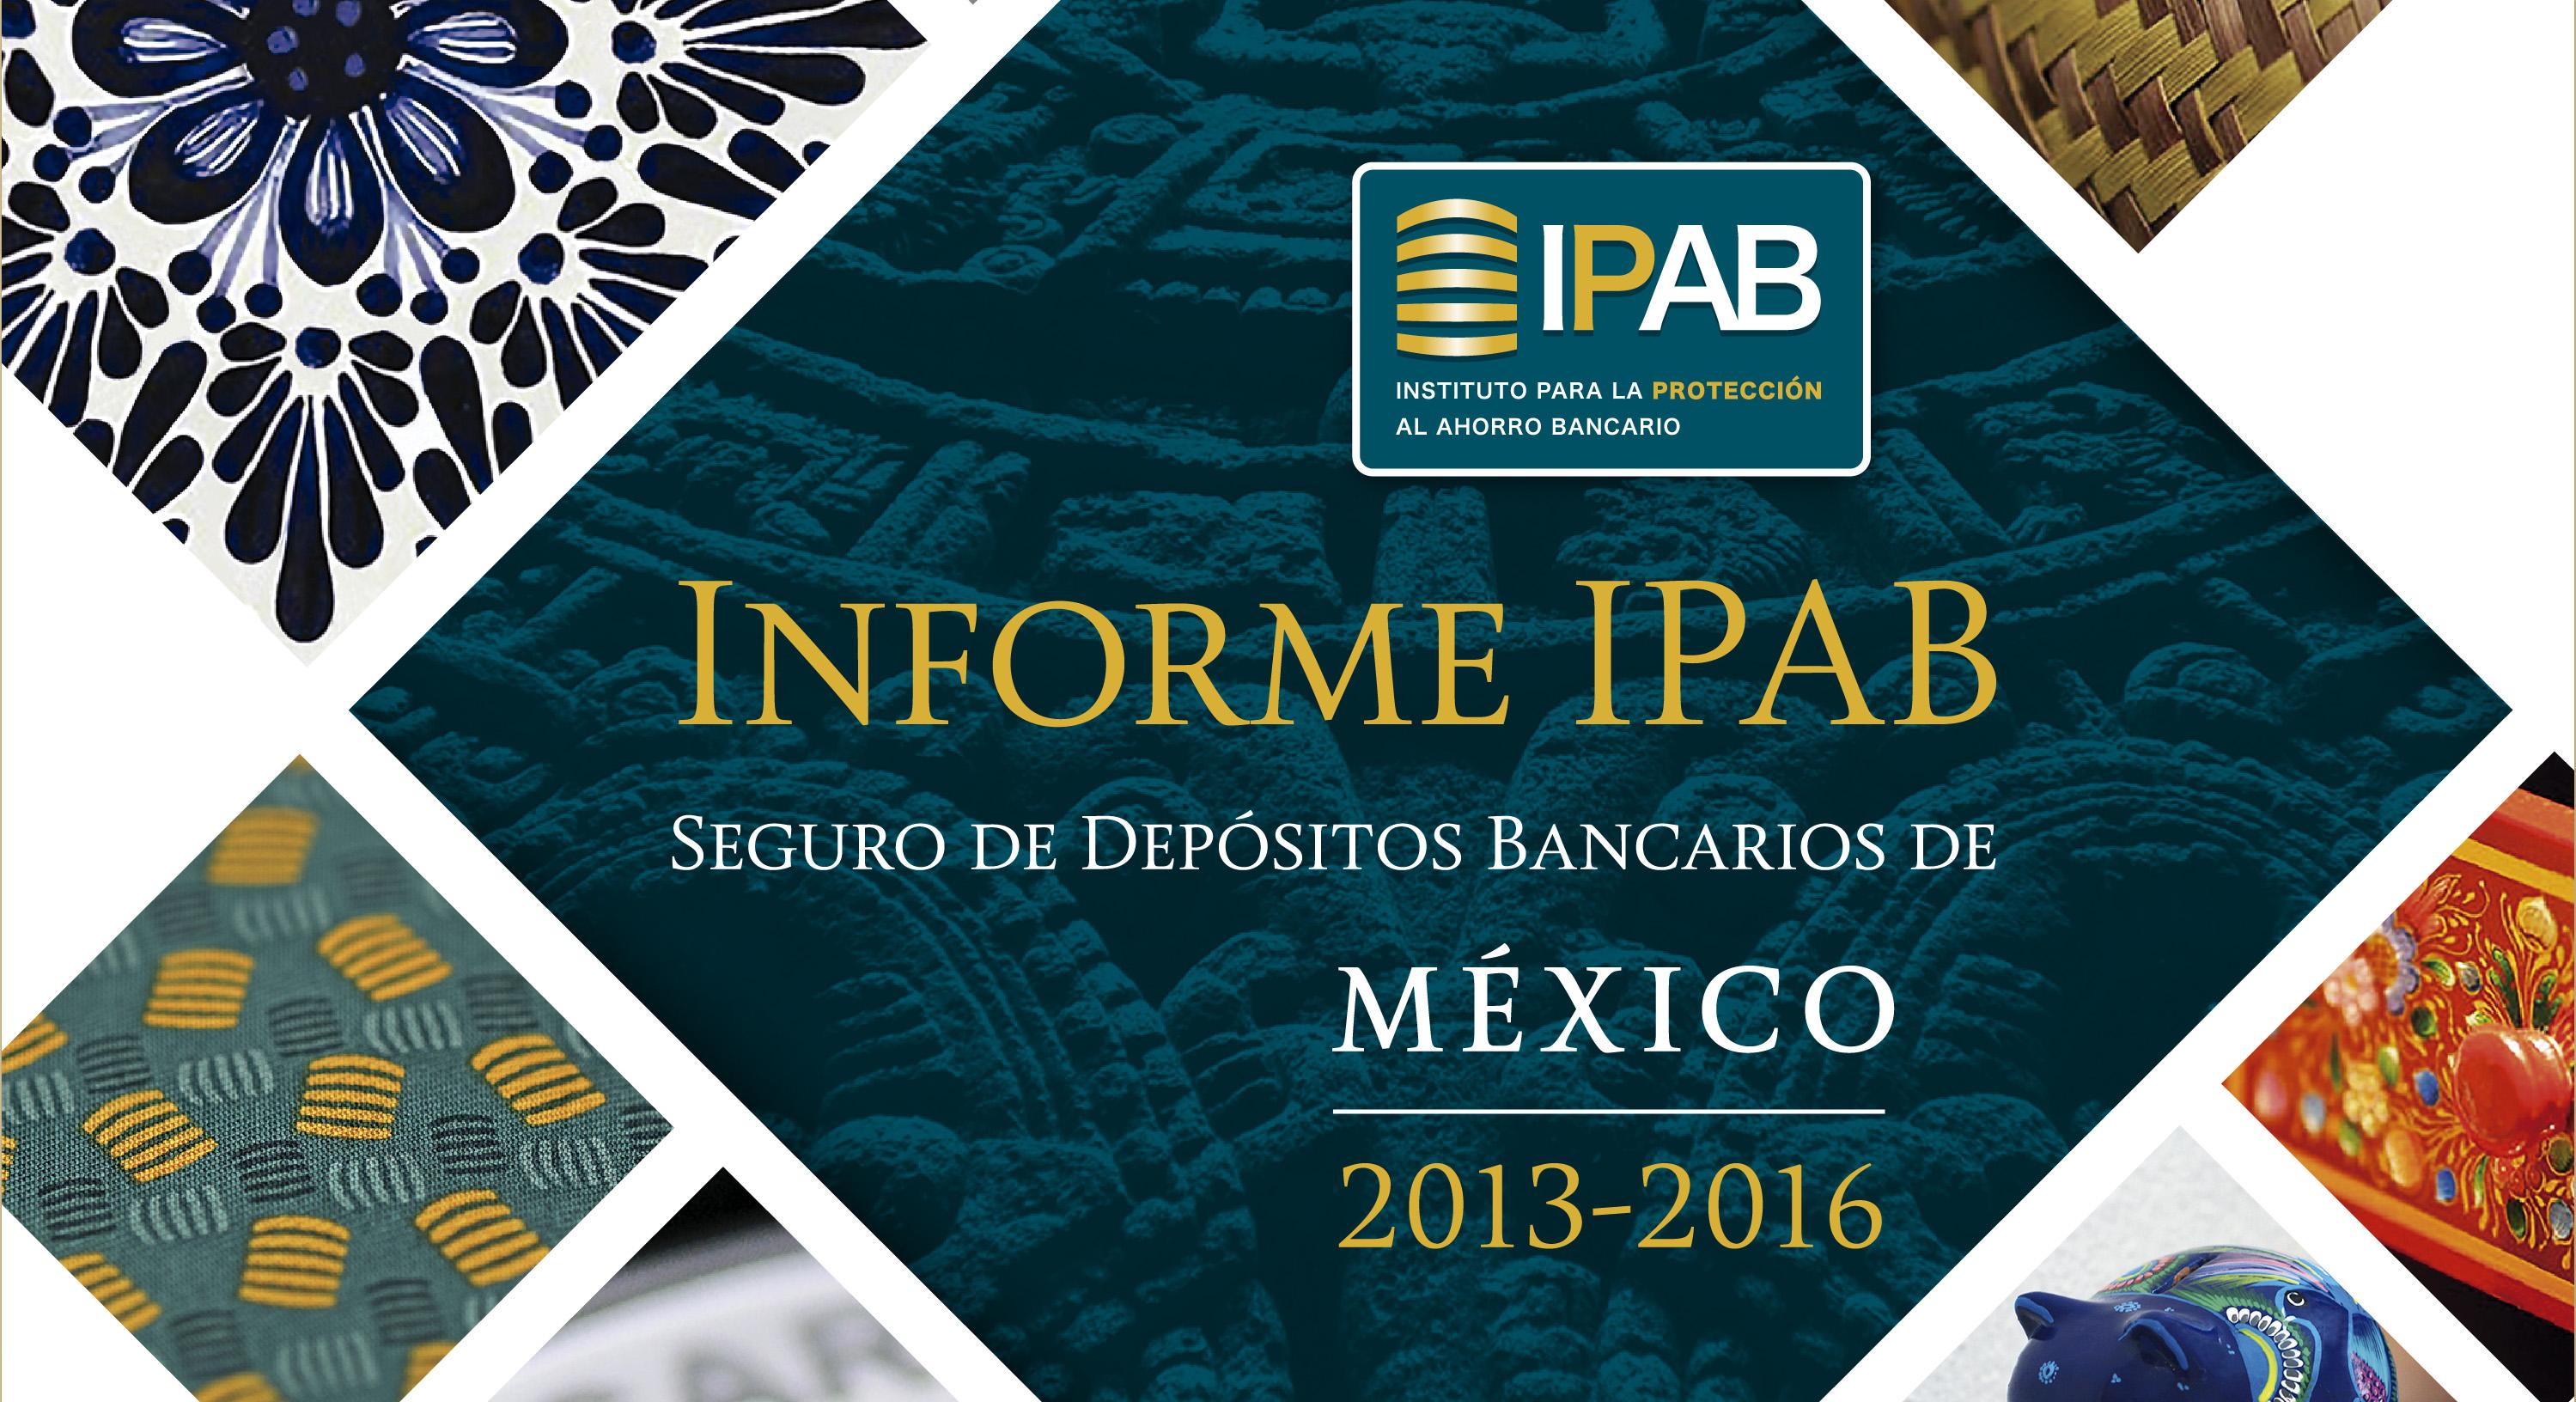 Informe IPAB 2013-2016